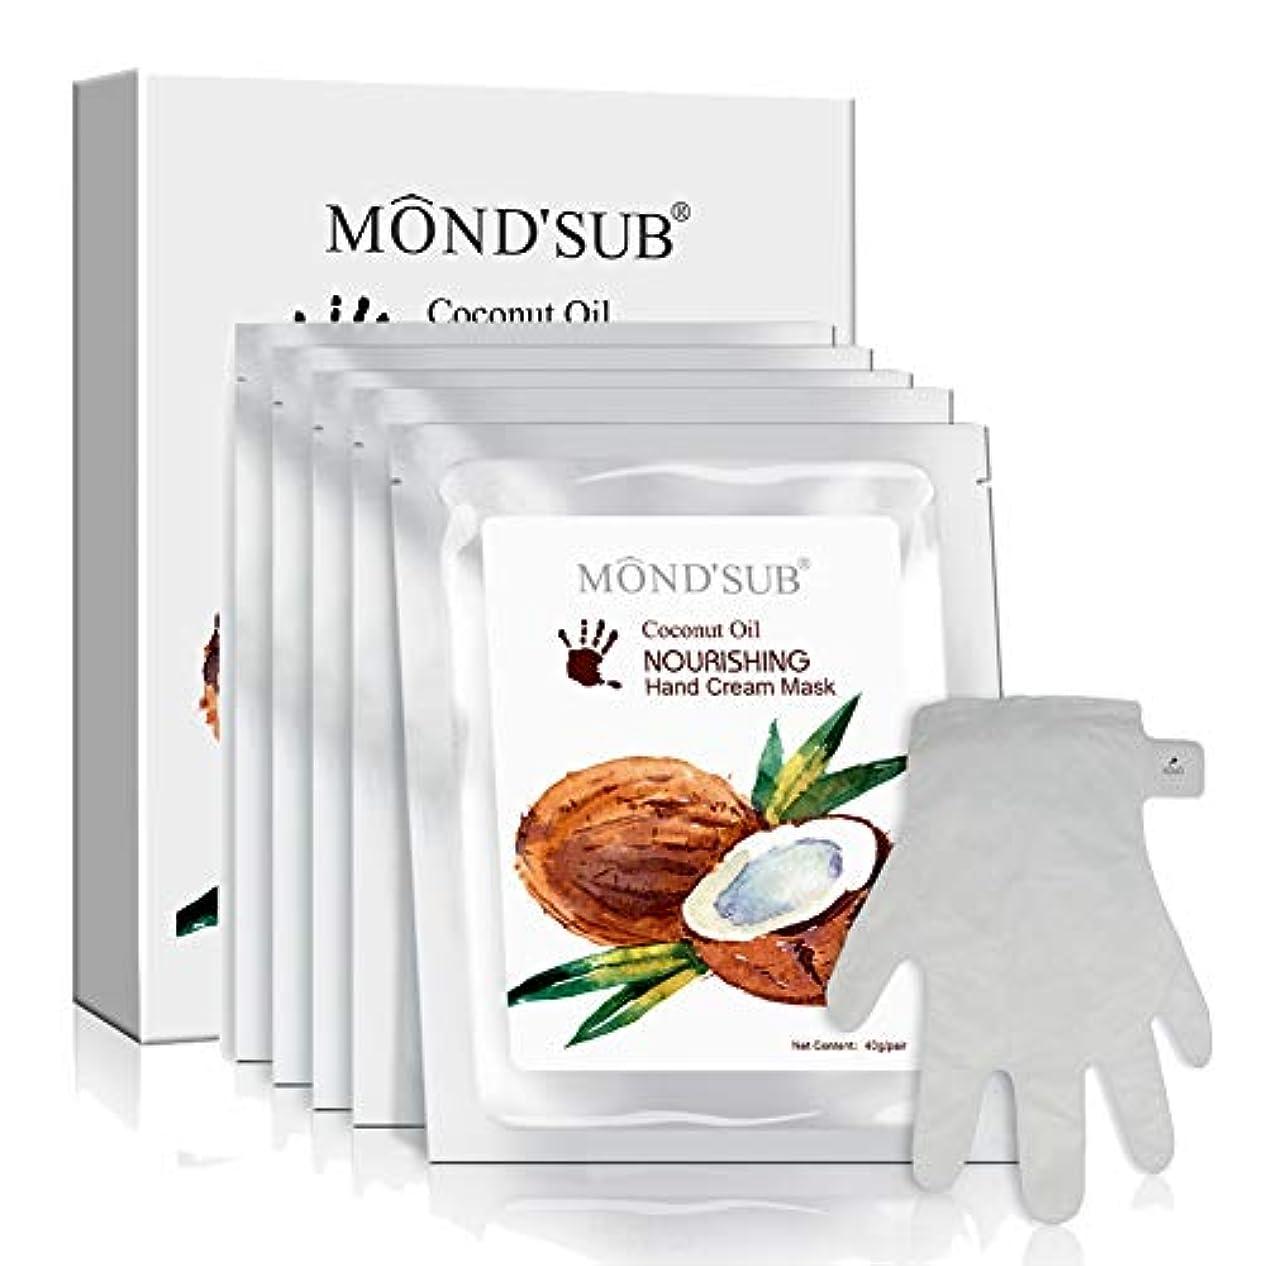 興奮するシーボード大混乱[MOND'SUB]ハイドハンド&ネイルマスクベスト - 乾いた手のための健康的なココナッツオイル保湿手袋 - オーガニックエッセンスハイド&ナリシングハンドとの完全なあなたのスキン(5ペア)保護マスク